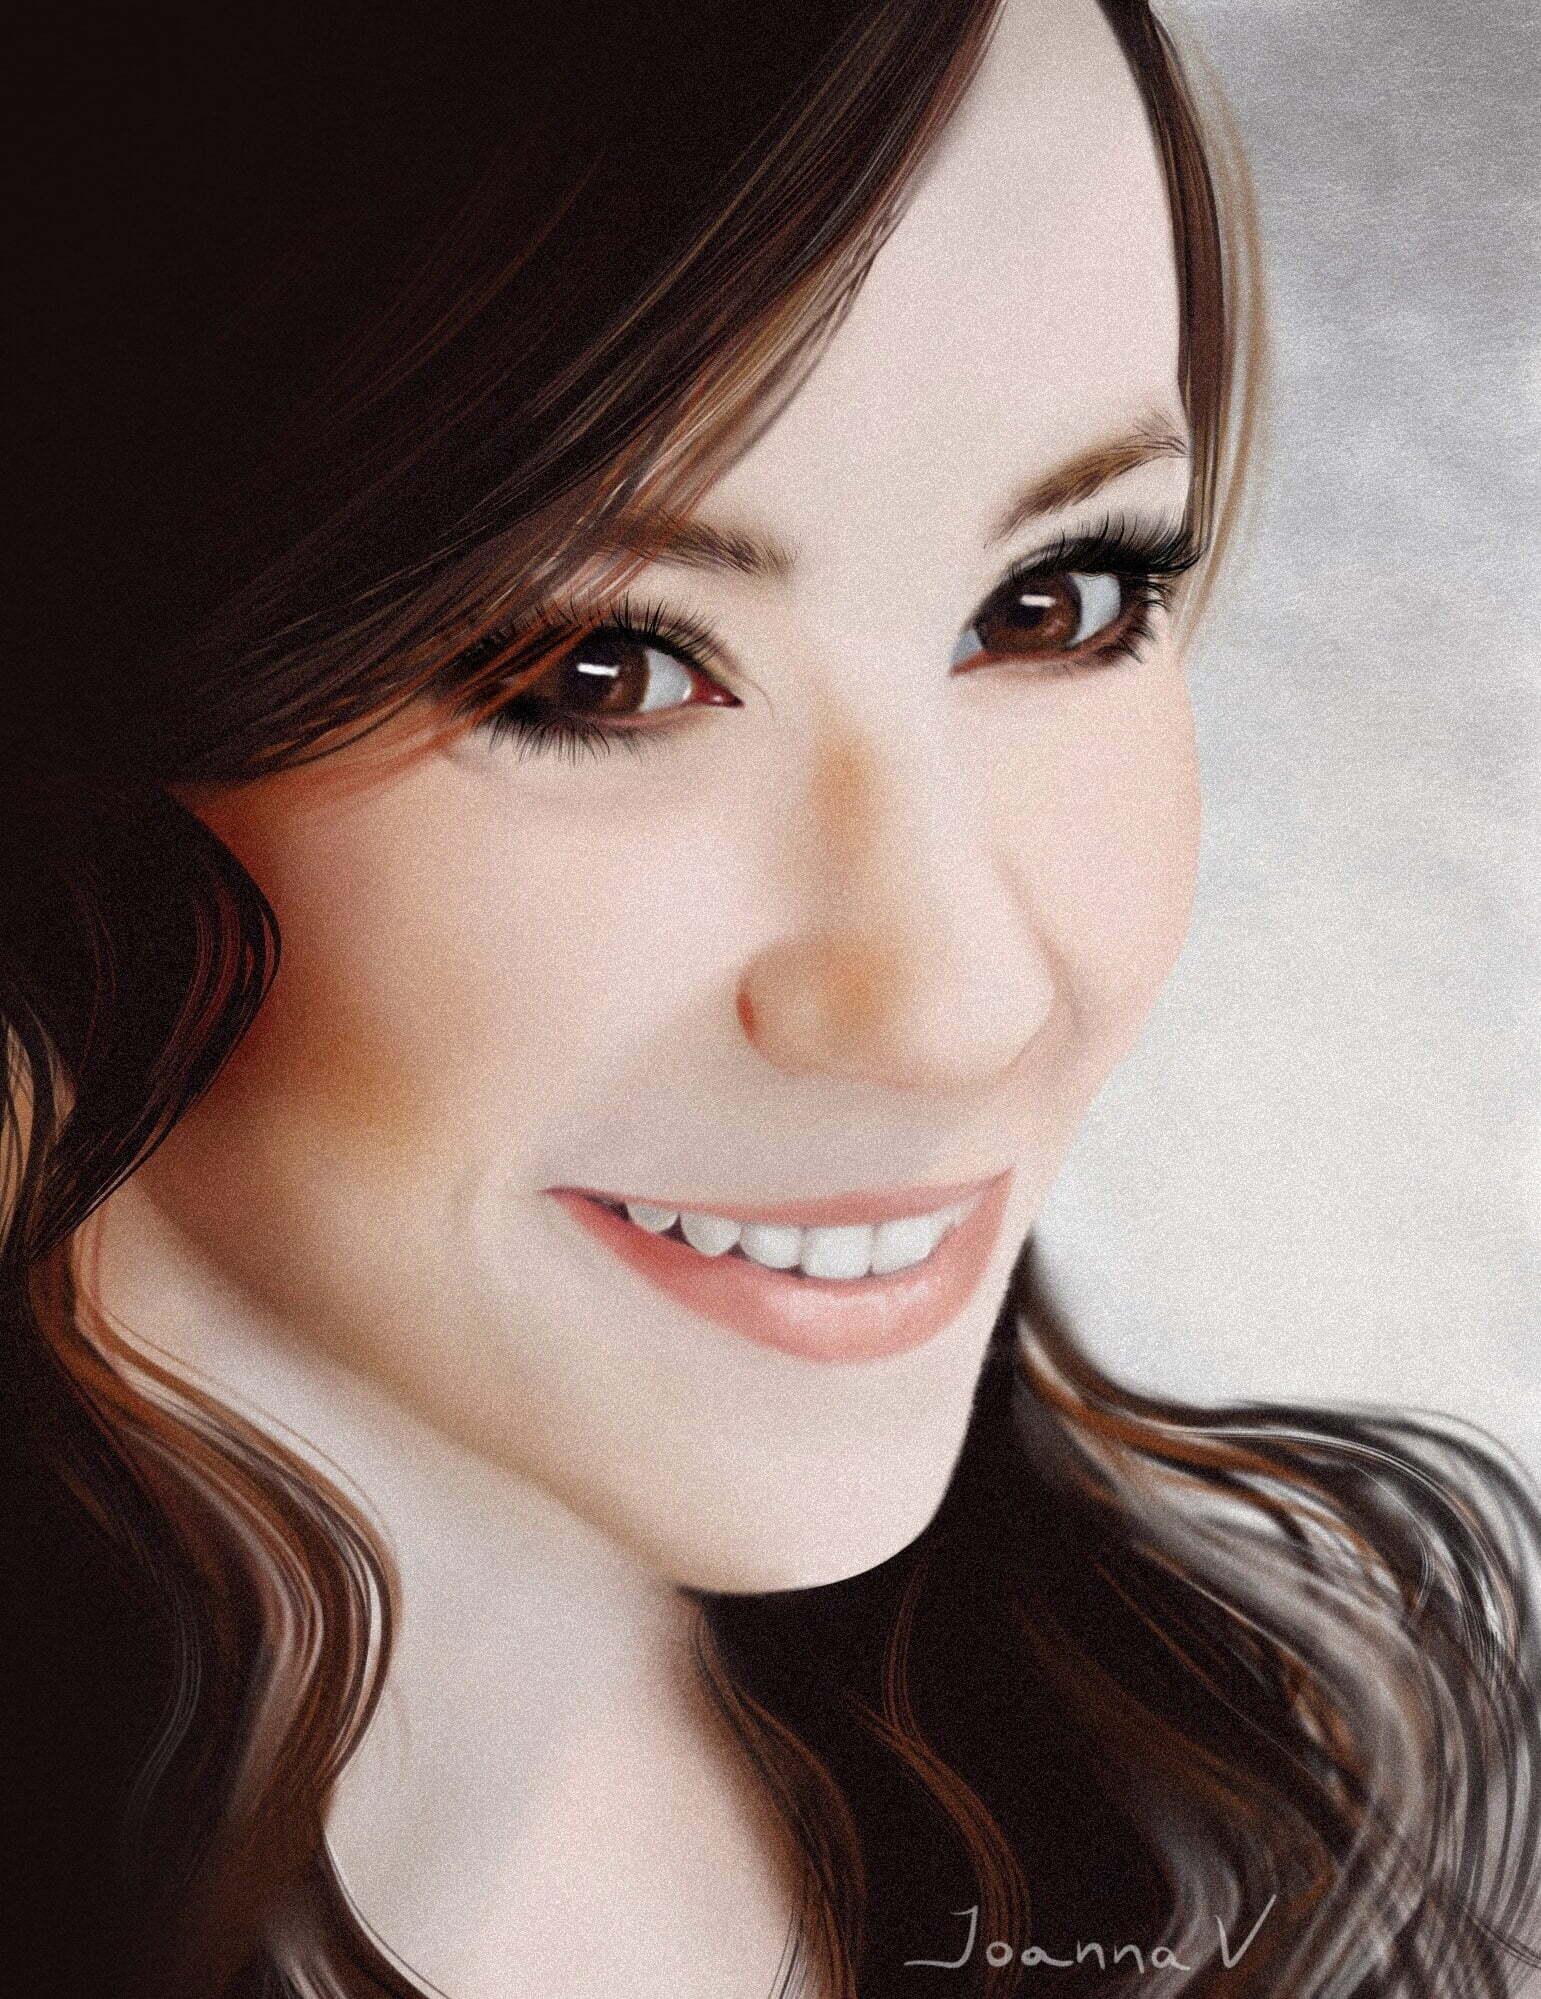 Ioanna Ladopoulou Profile